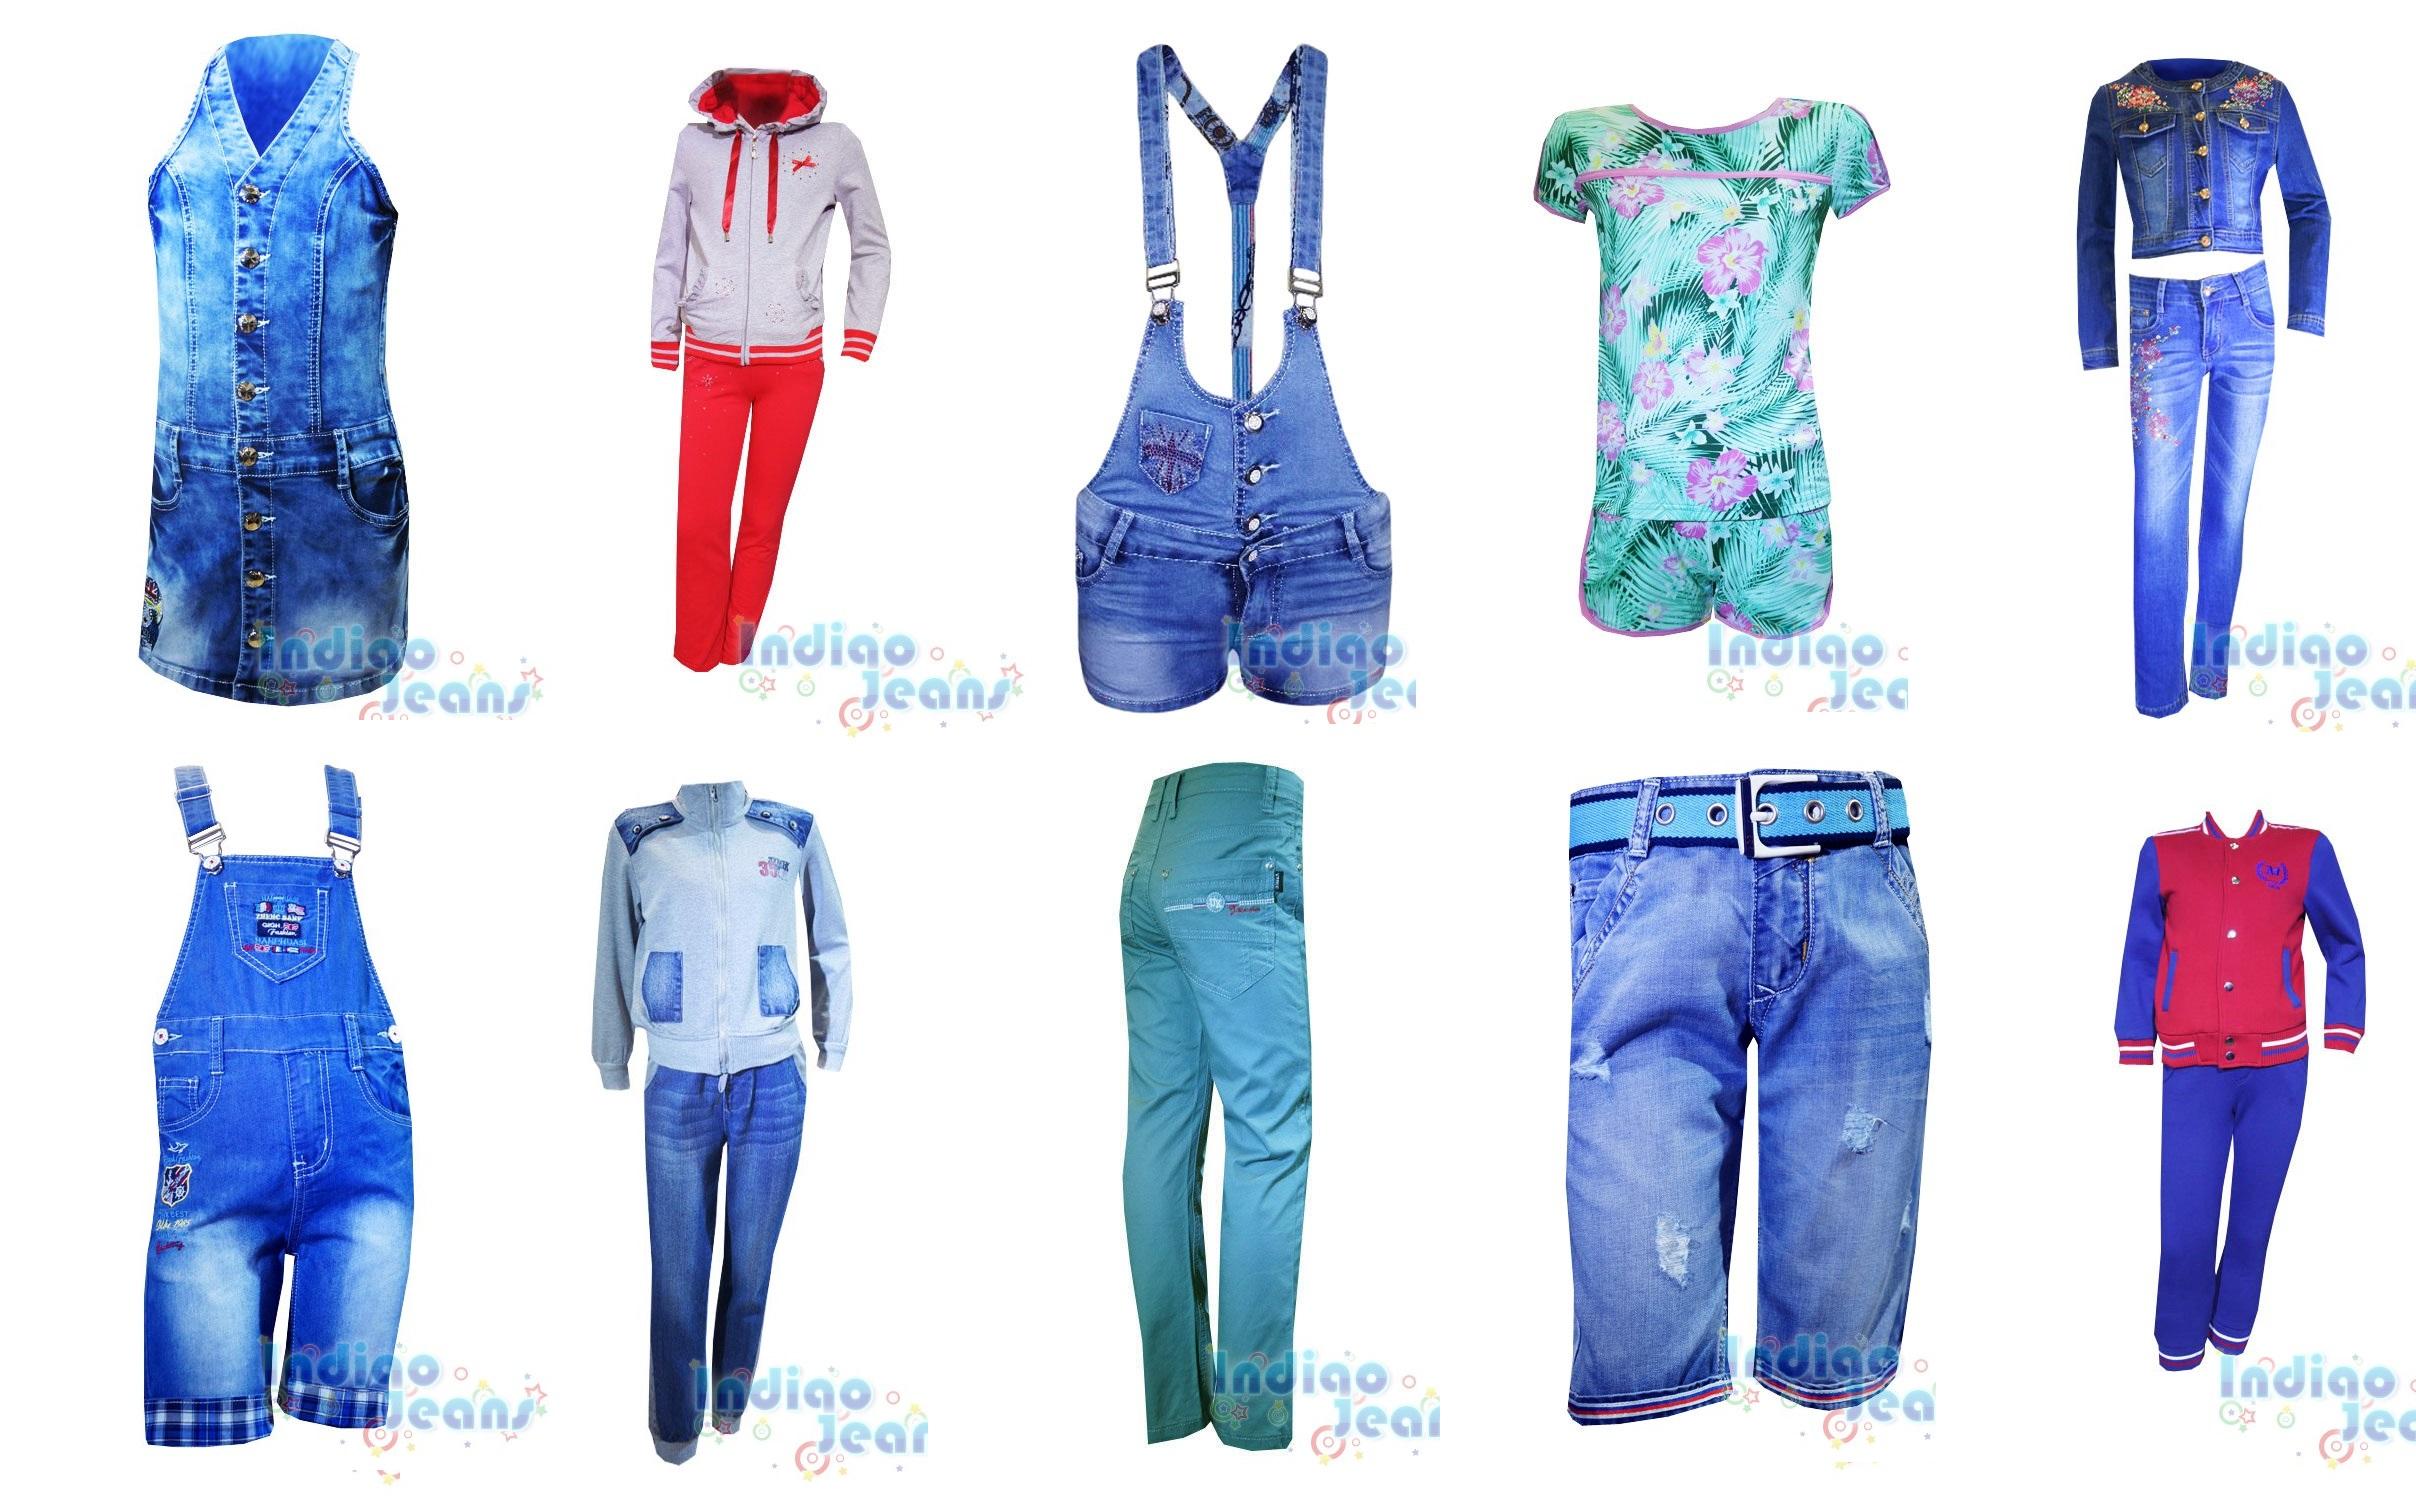 Джинсовый рай - 24! Оооогромный выбор джинсовой одежды и не только От 74 до 176 р-ра. Без рядов!